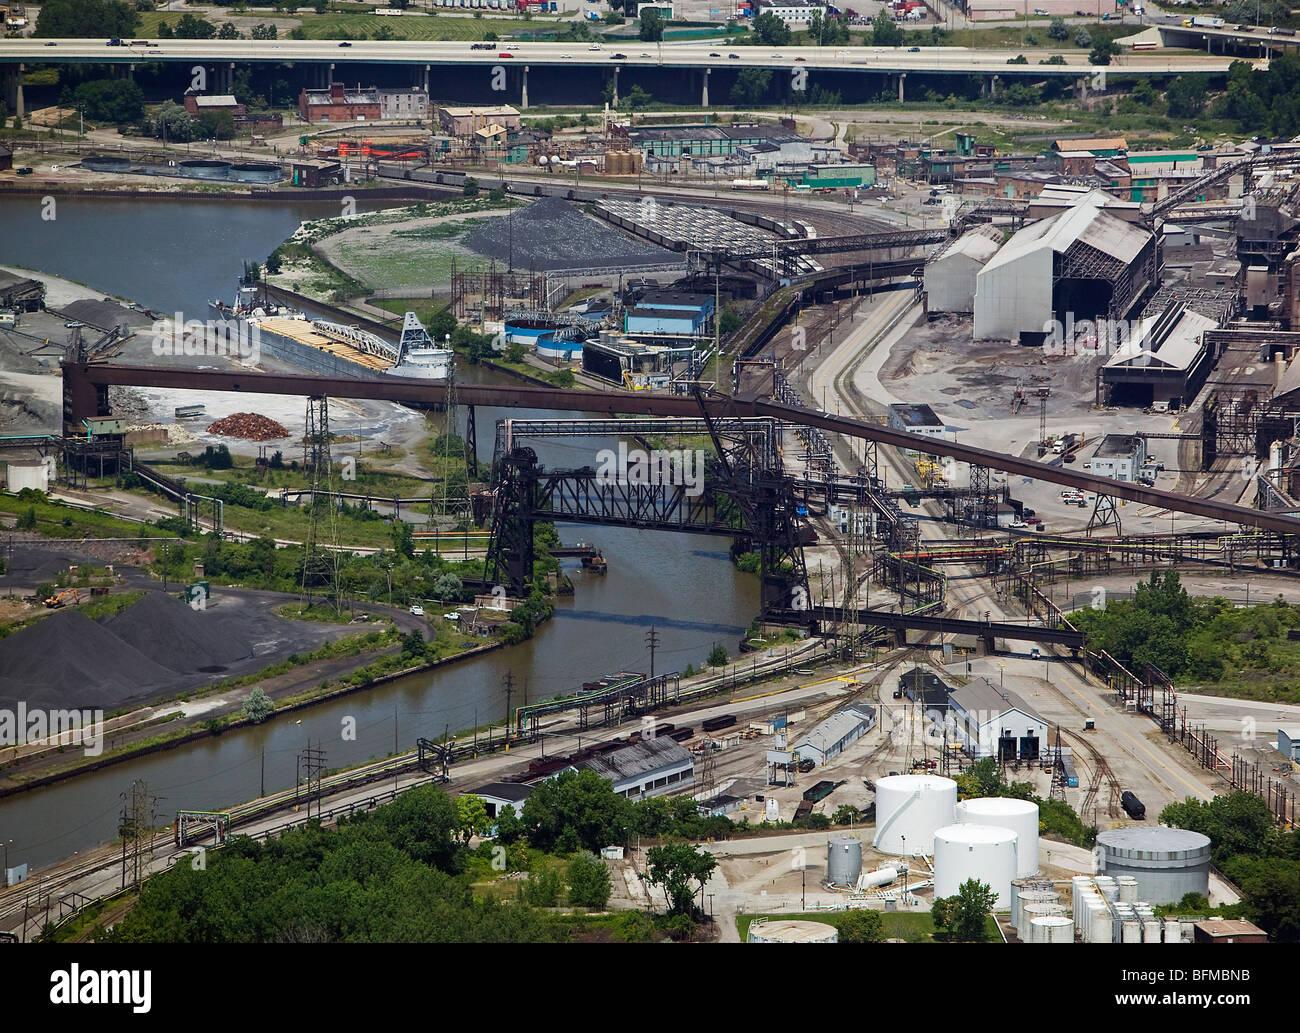 Vue aérienne au-dessus de la zone industrielle de Cleveland Ohio steel mills rivière Cuyahoga Photo Stock